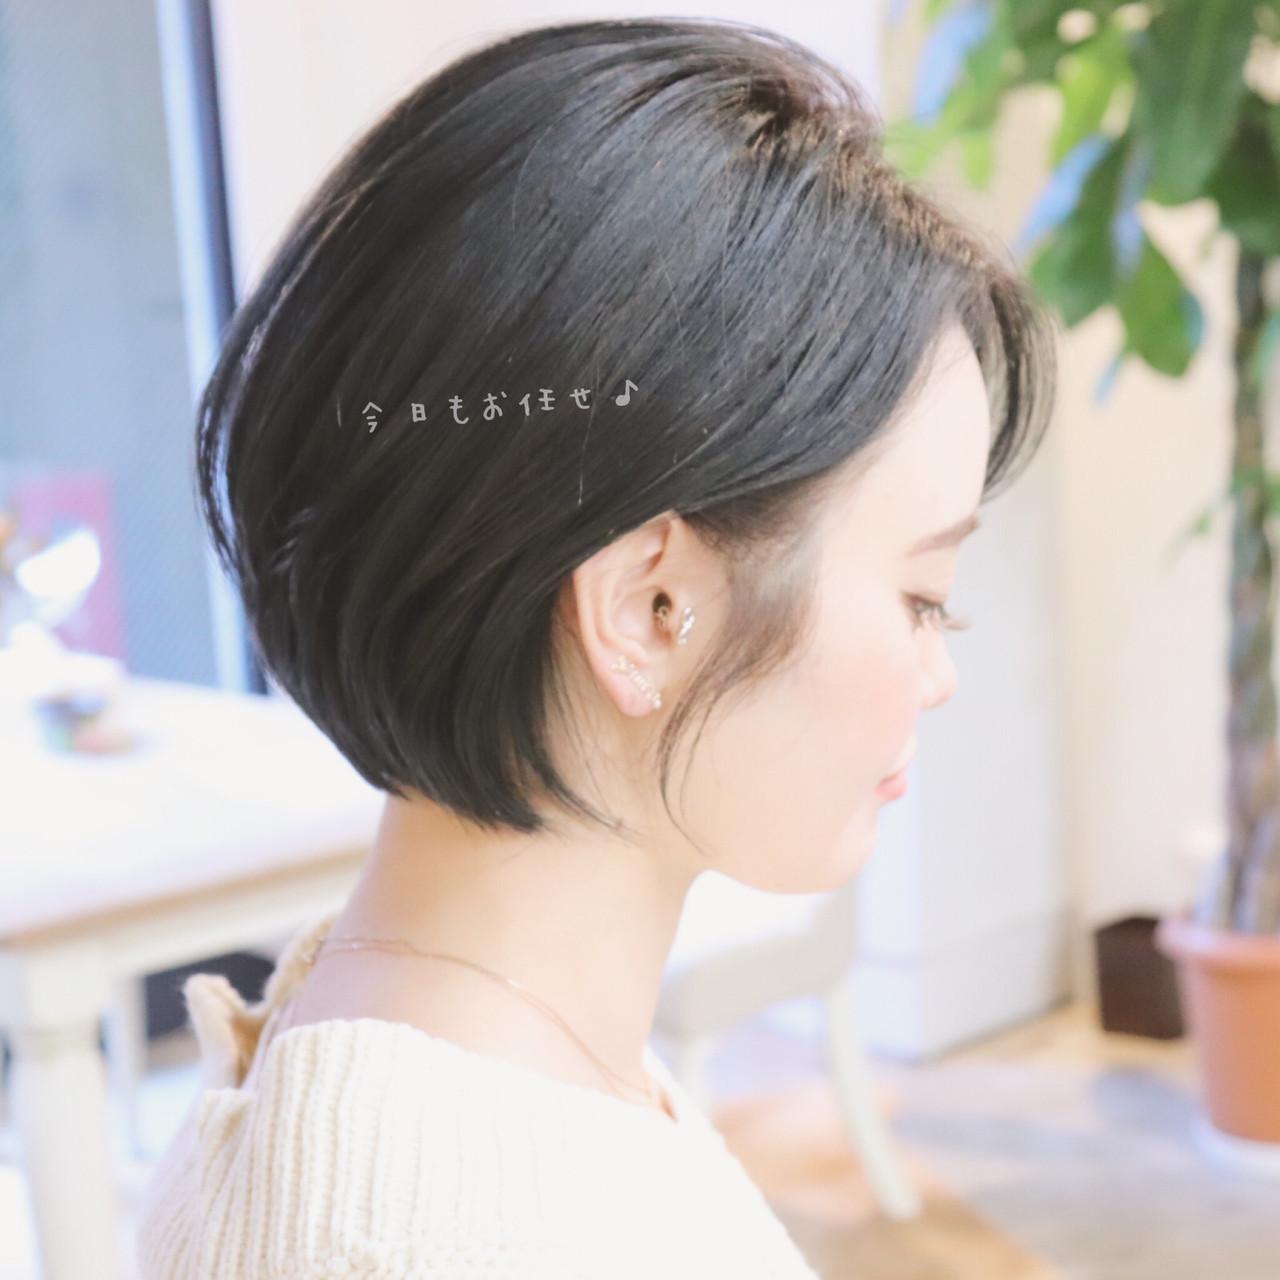 アンニュイほつれヘア オフィス ナチュラル アッシュ ヘアスタイルや髪型の写真・画像